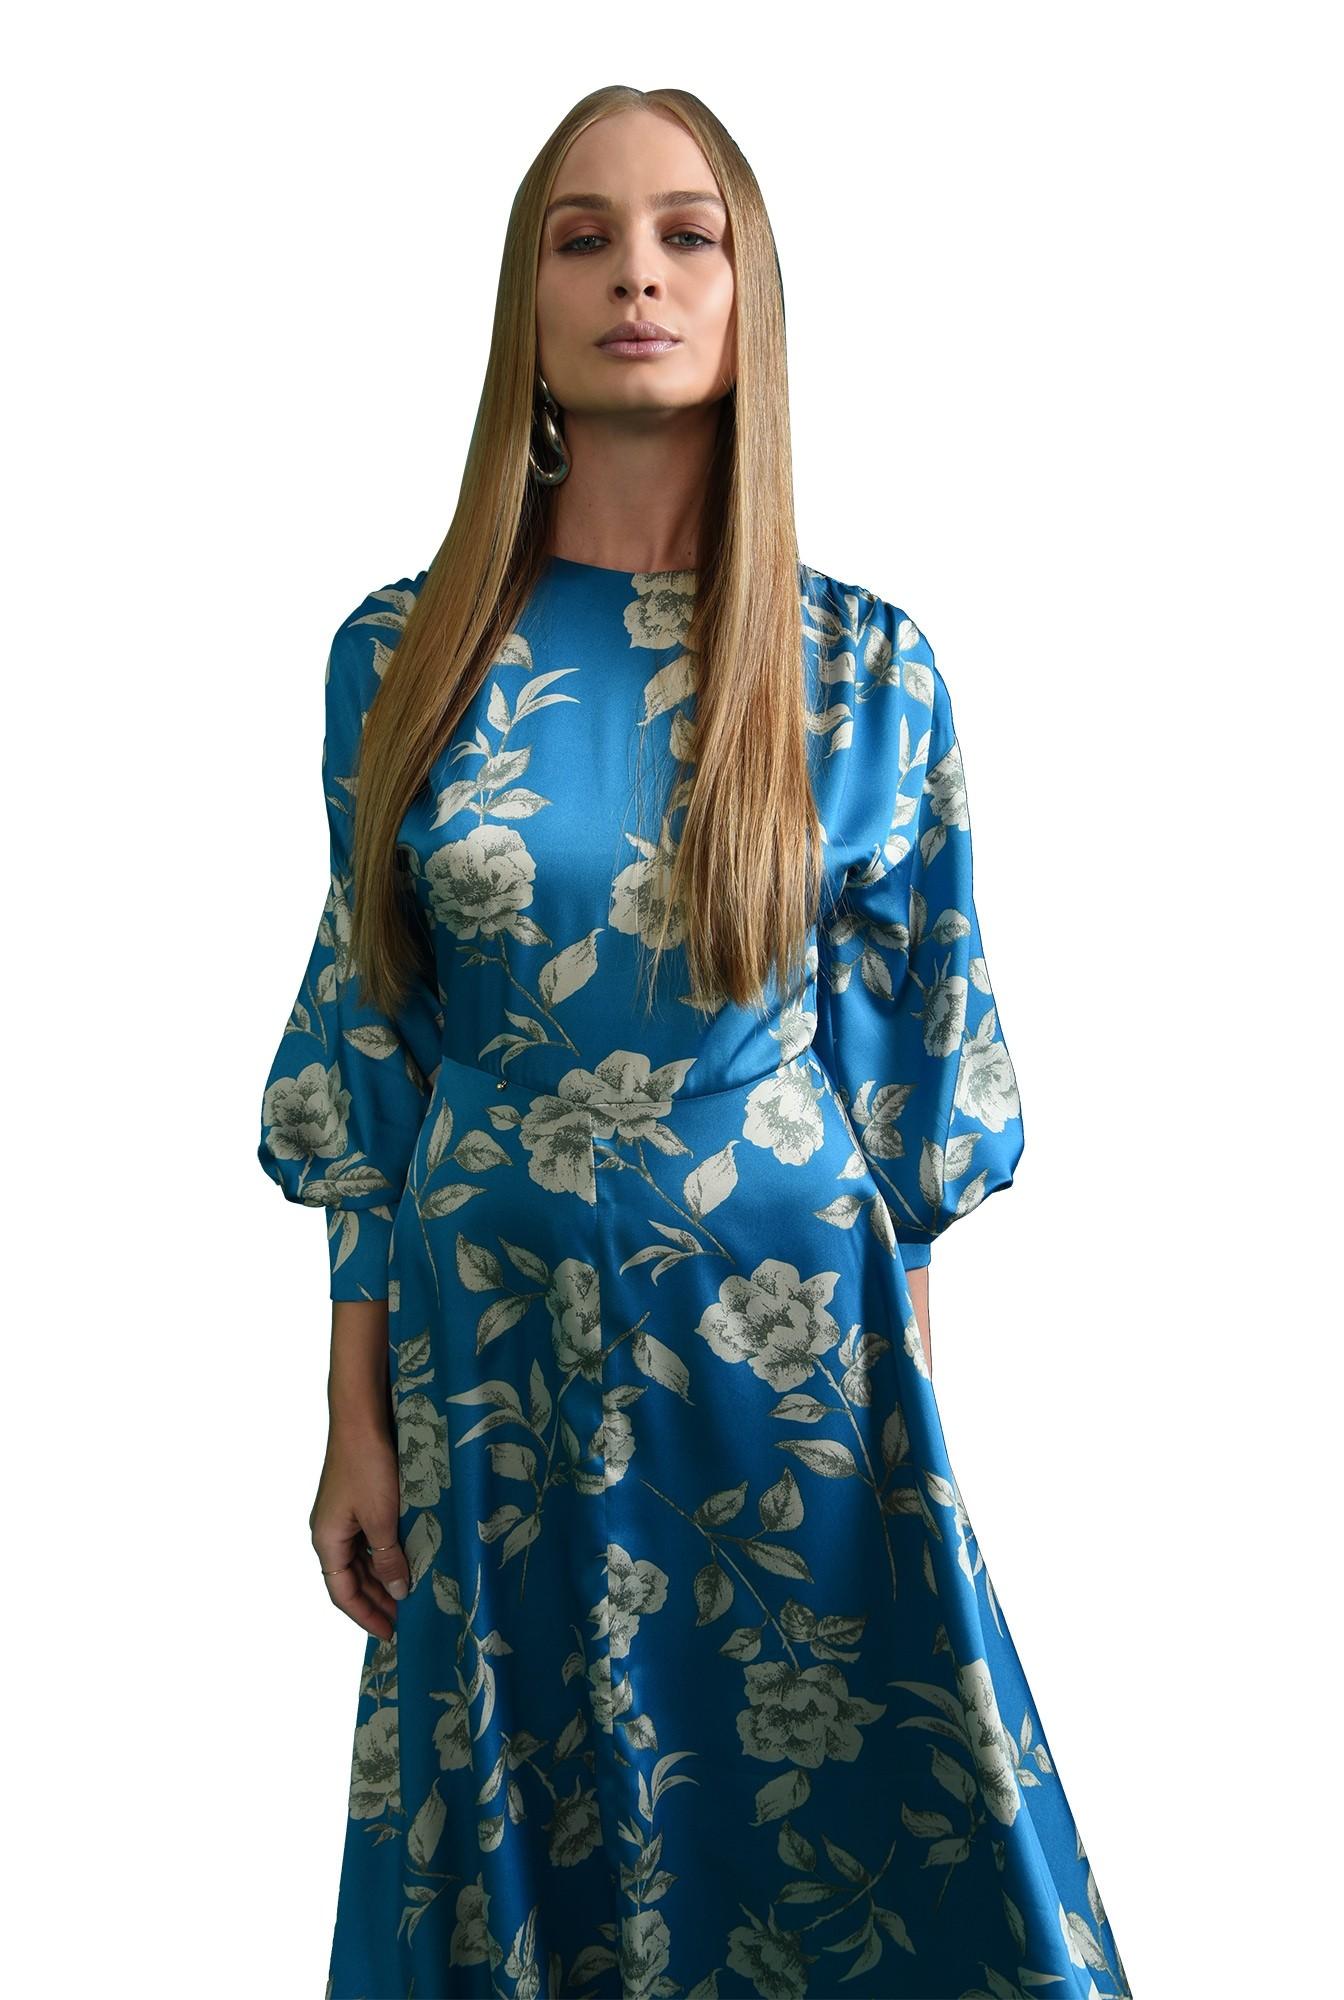 3 - rochie cu imprimeu floral, cu umarii cazuti, cu maneca voluminoasa